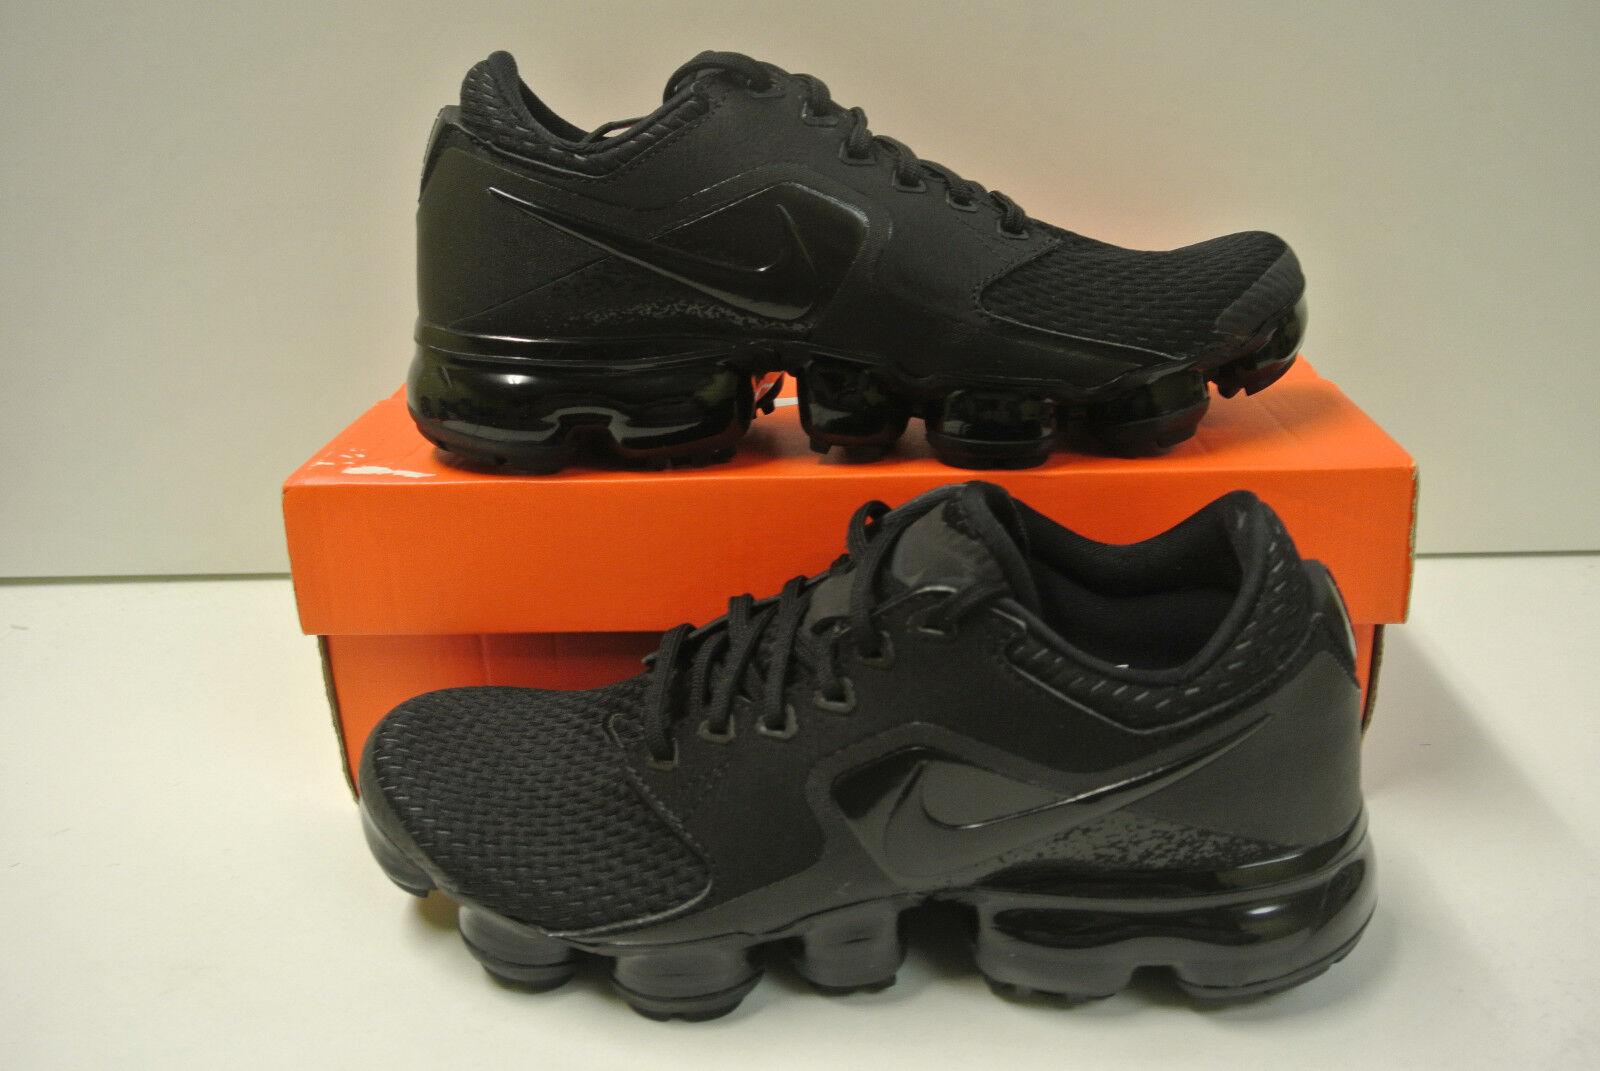 Nike Nike Nike Air Vapormax Talla a Elegir Nuevo y Emb. Orig. 917963 002  descuento de bajo precio